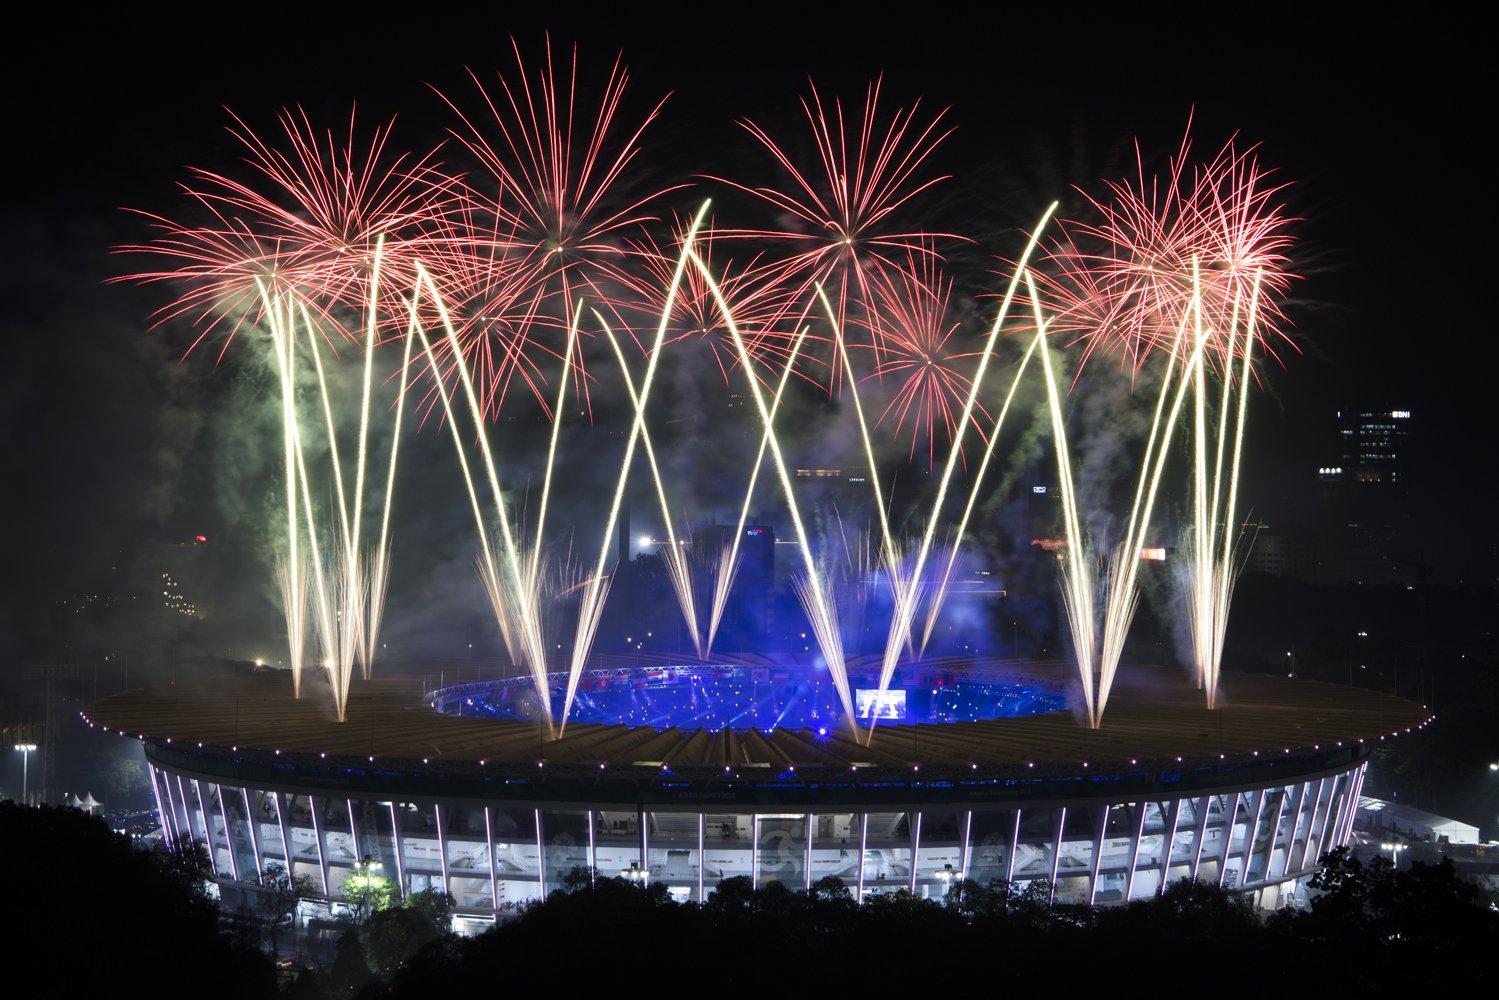 Pesta kembang api menyemarakkan Upacara Penutupan Asian Games ke-18 Tahun 2018 di Stadion Utama Gelora Bung Karno, Senayan, Jakarta, Minggu (2/9).